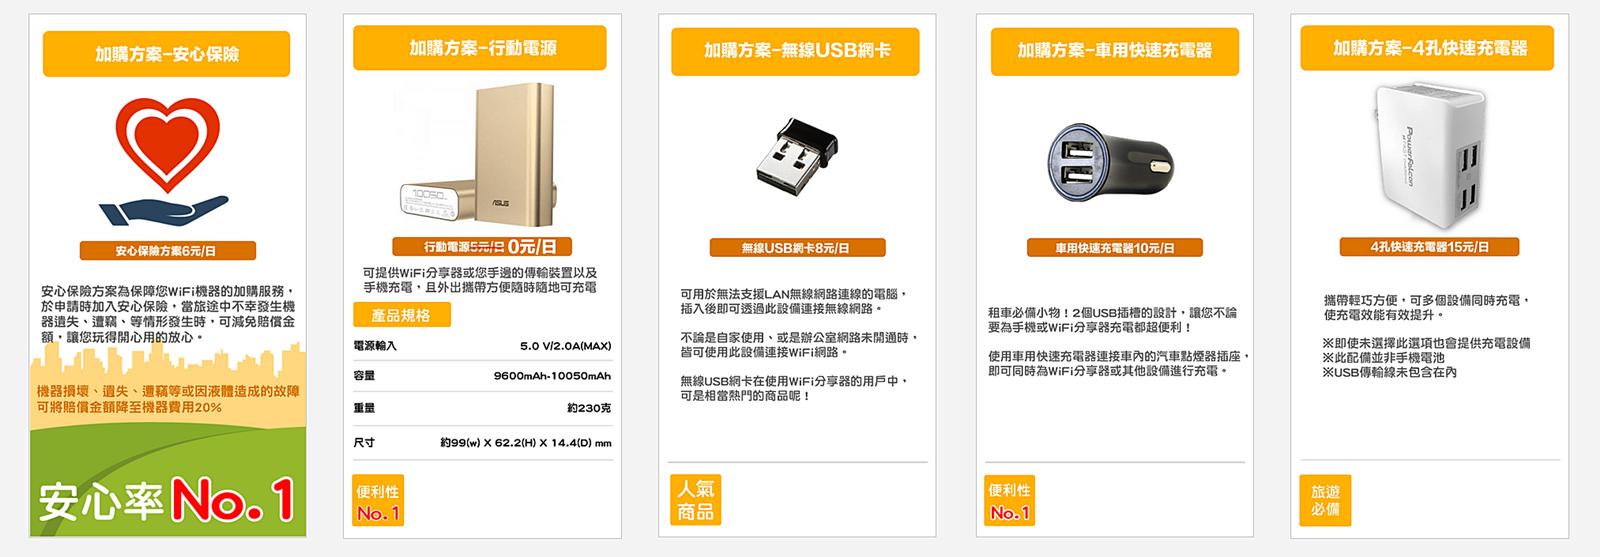 台灣-WiFi機-WiFi分享器-推薦-台灣租借WiFi-台灣4G吃到飽WiFi機-隨身WiFi-CP值-便宜WiFi機-4G上網-網路